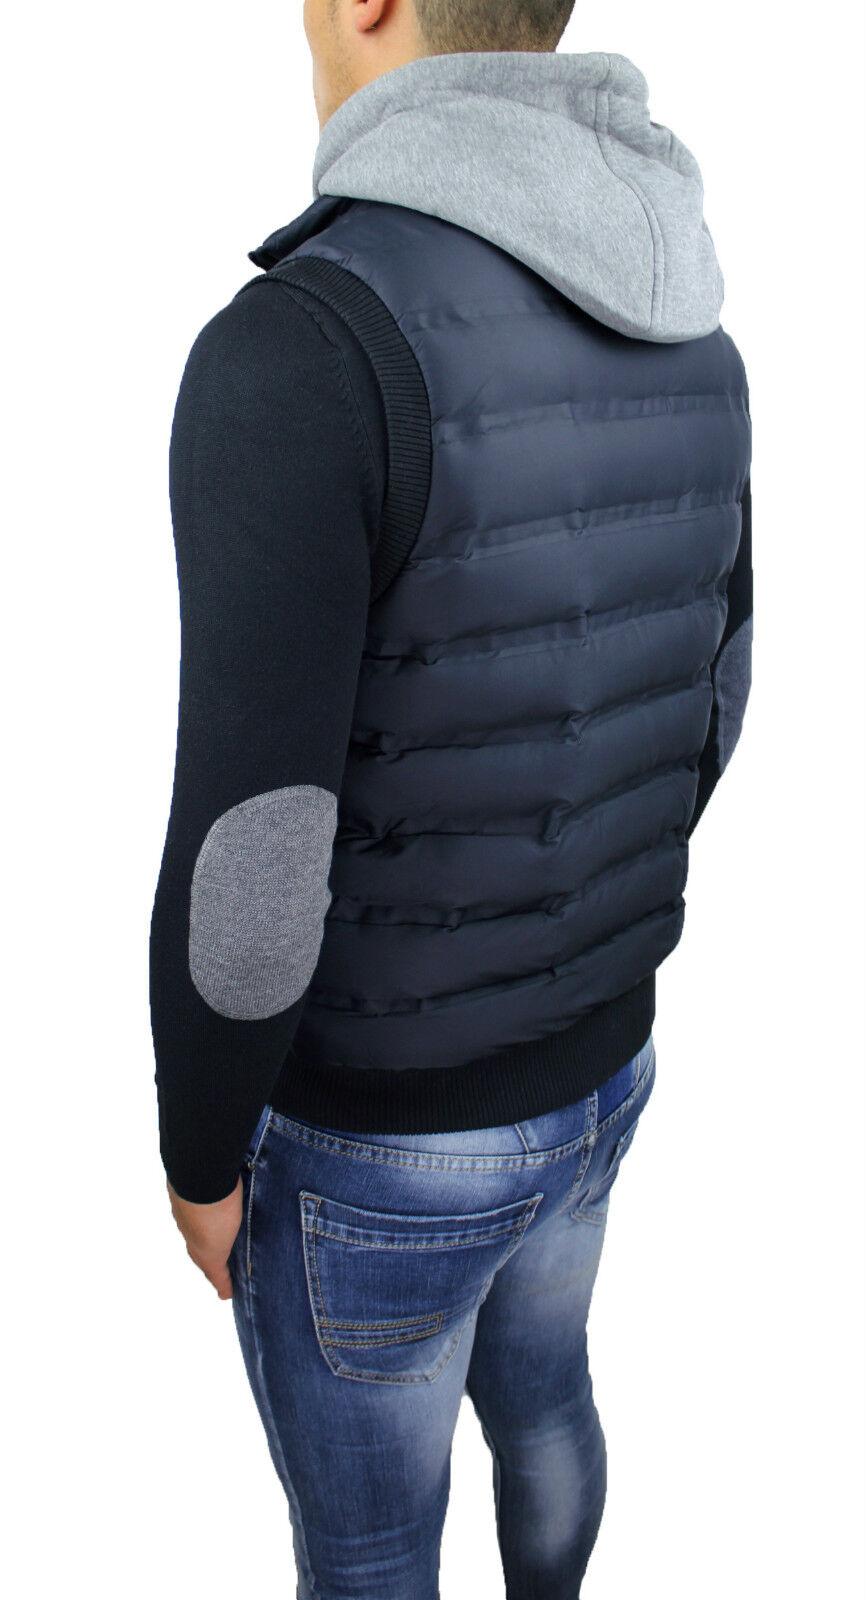 PIUMINO UOMO SMANICATO Gilet Blu Slim Fit Bomber Cardigan